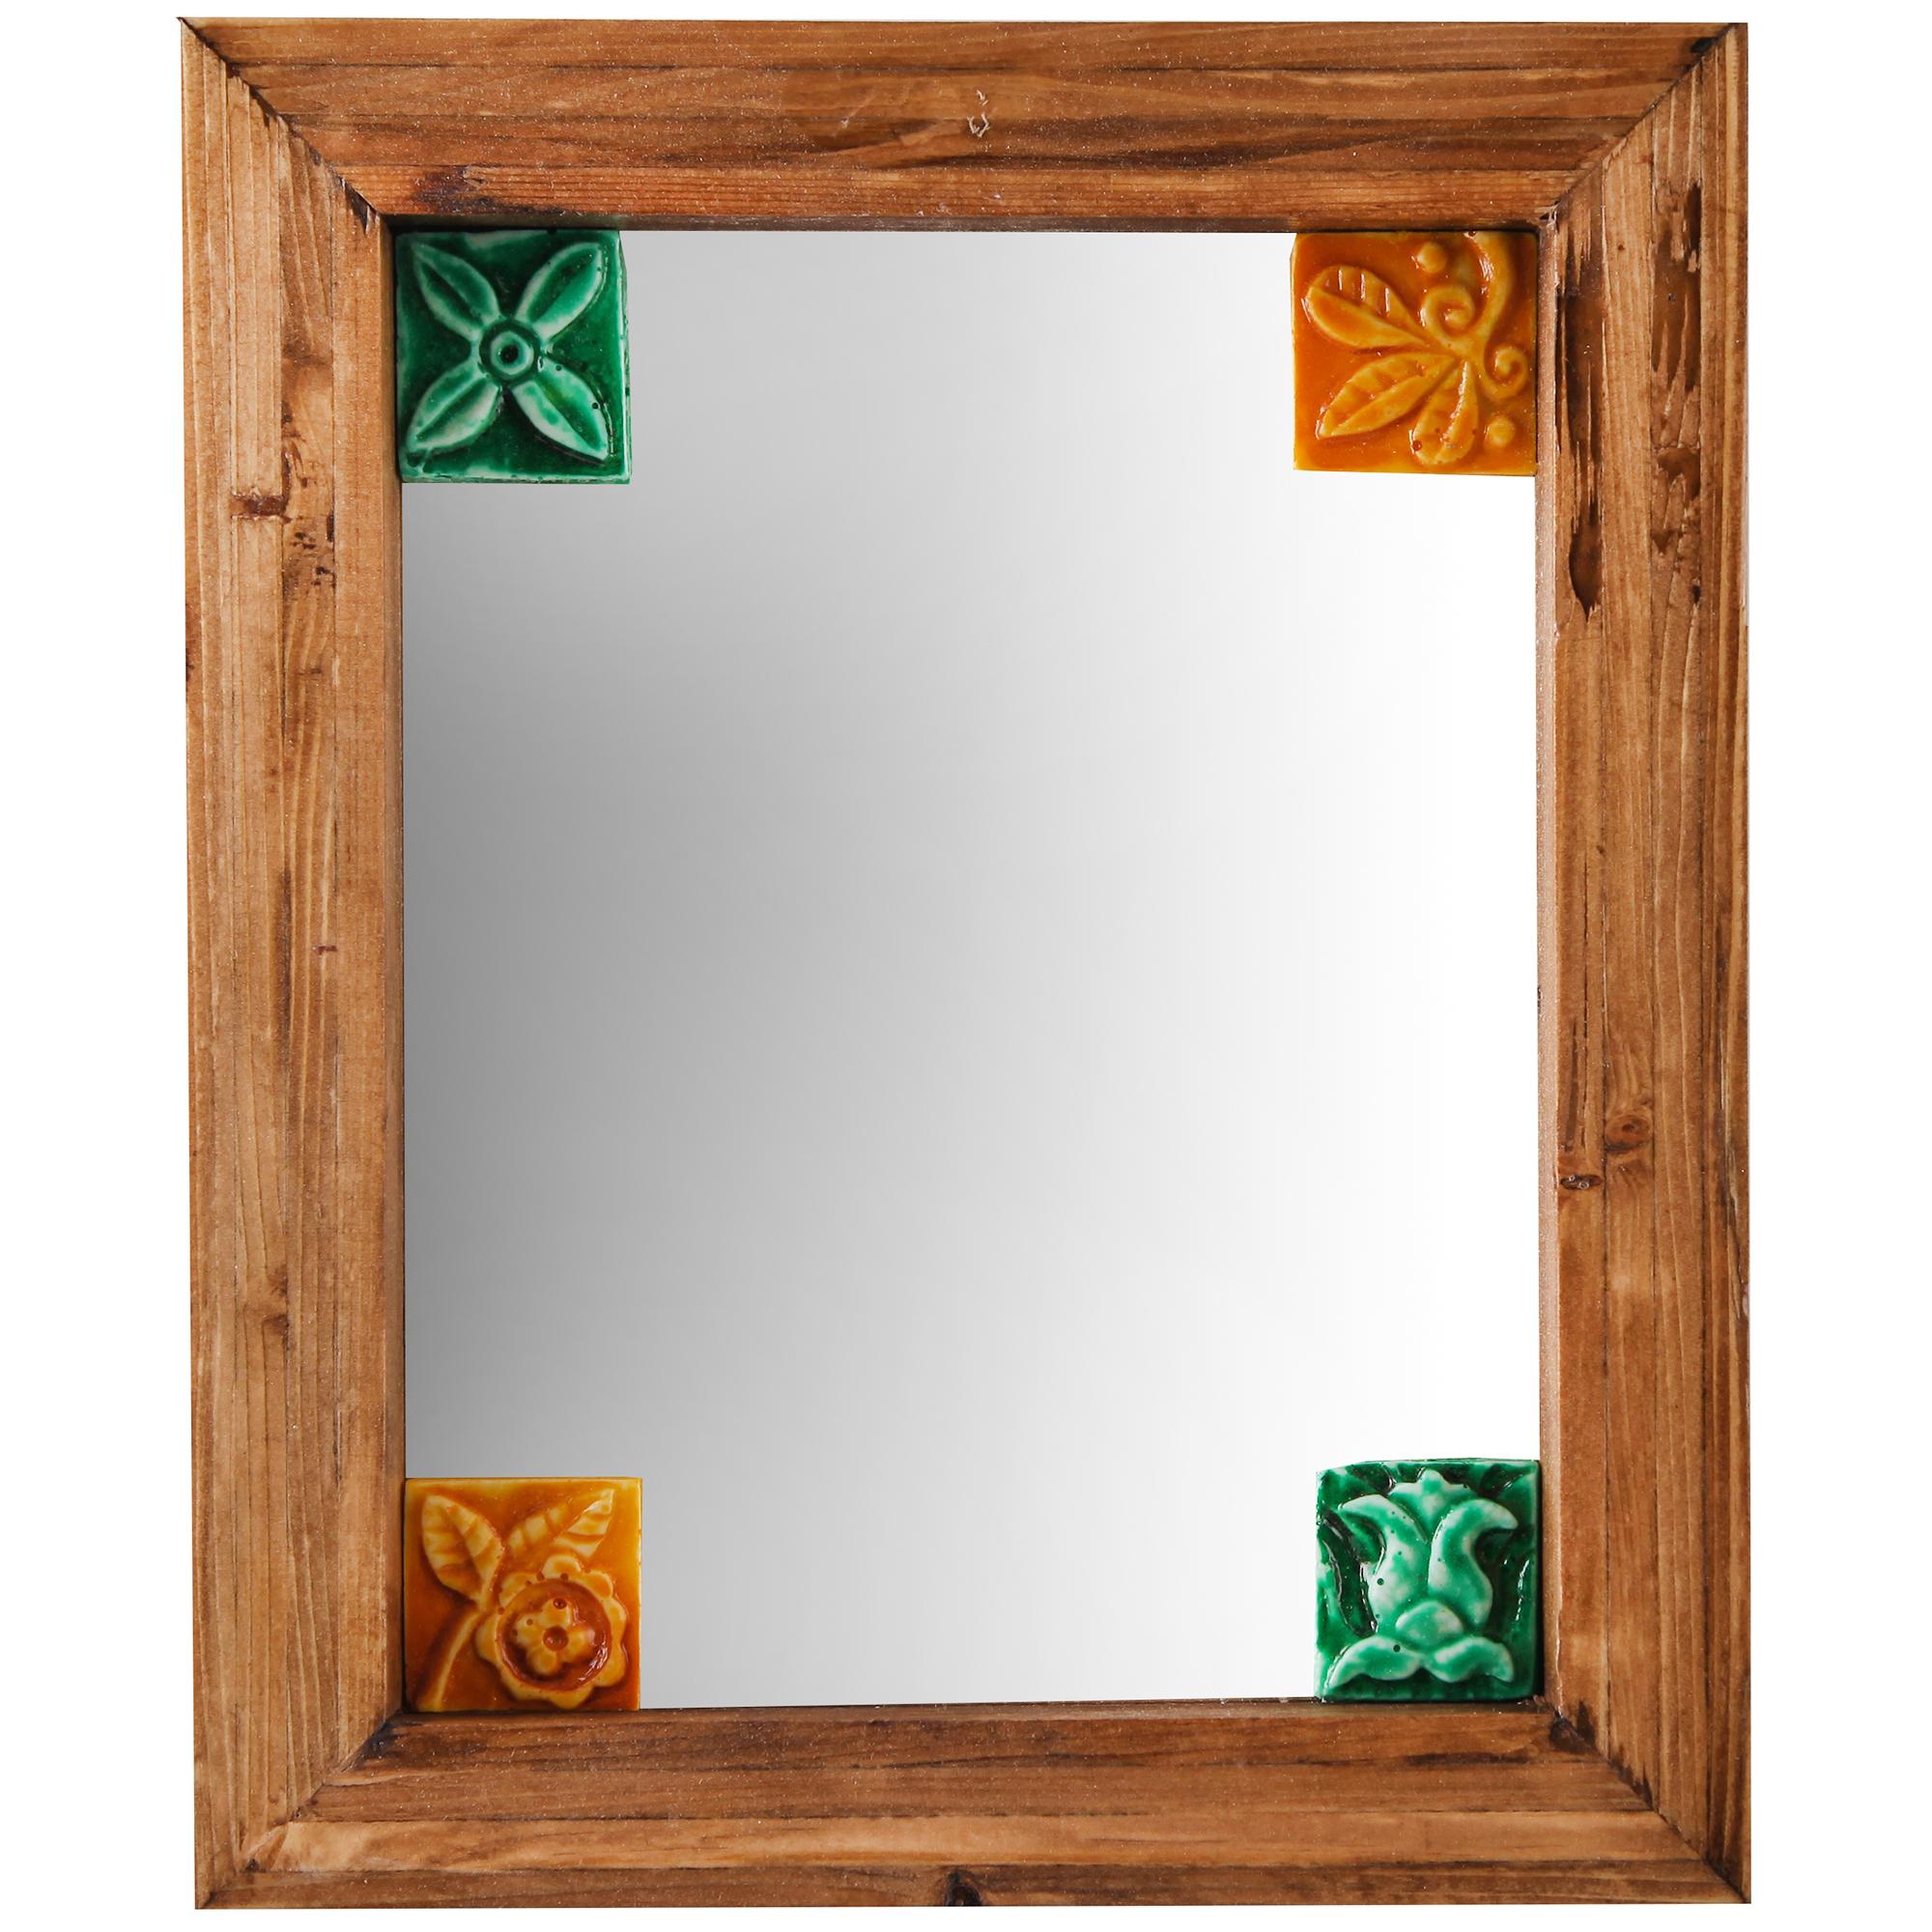 آینه چوبی رومیزی گالری پارسا آرا مدل چهار خشت کد 312020